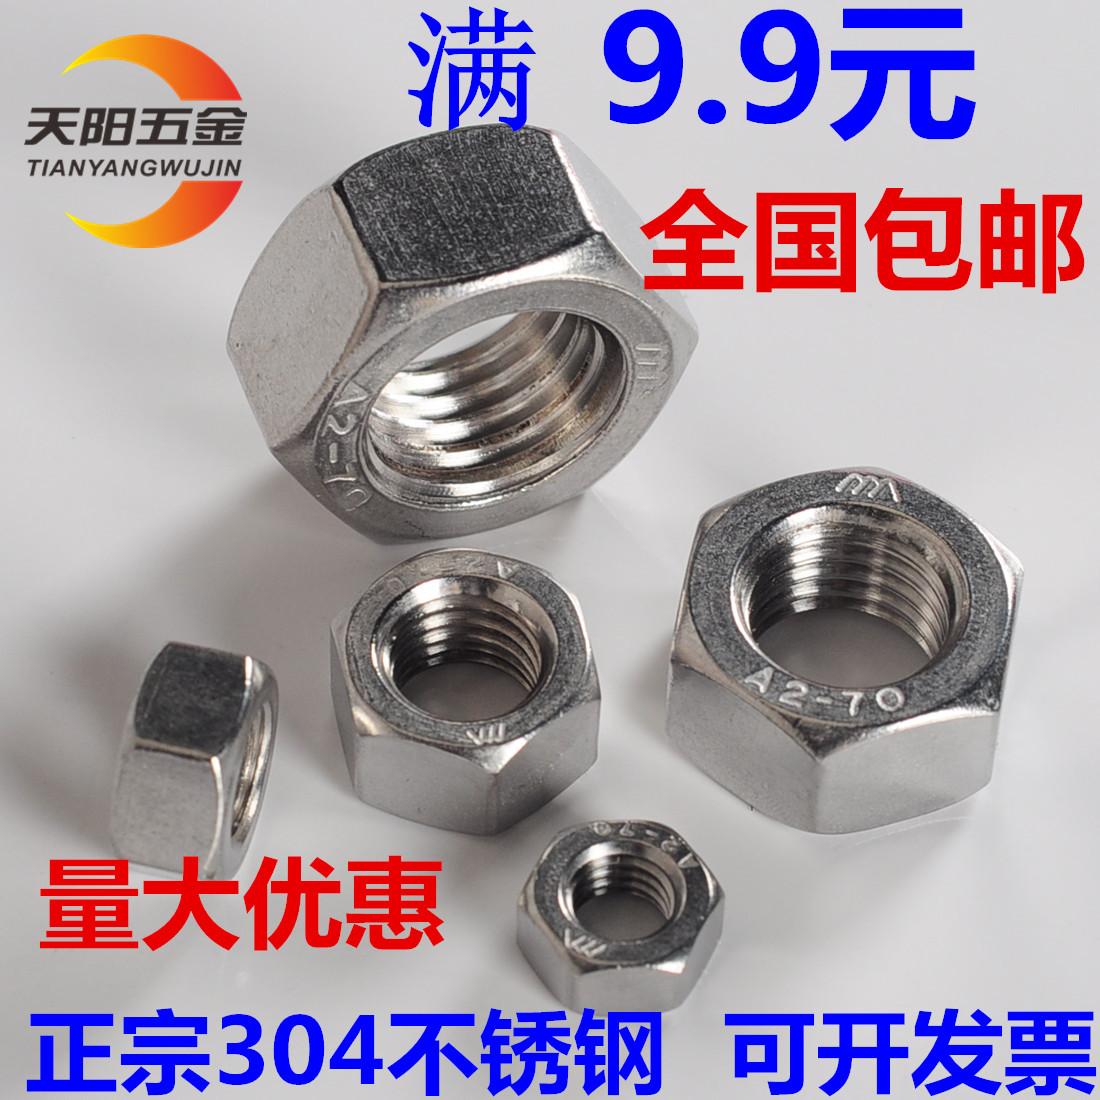 304 нержавеющая сталь болт мать шестиугольник винт крышка винт крышка M3M4M5M6M8M10M12M14M16M18M20M24